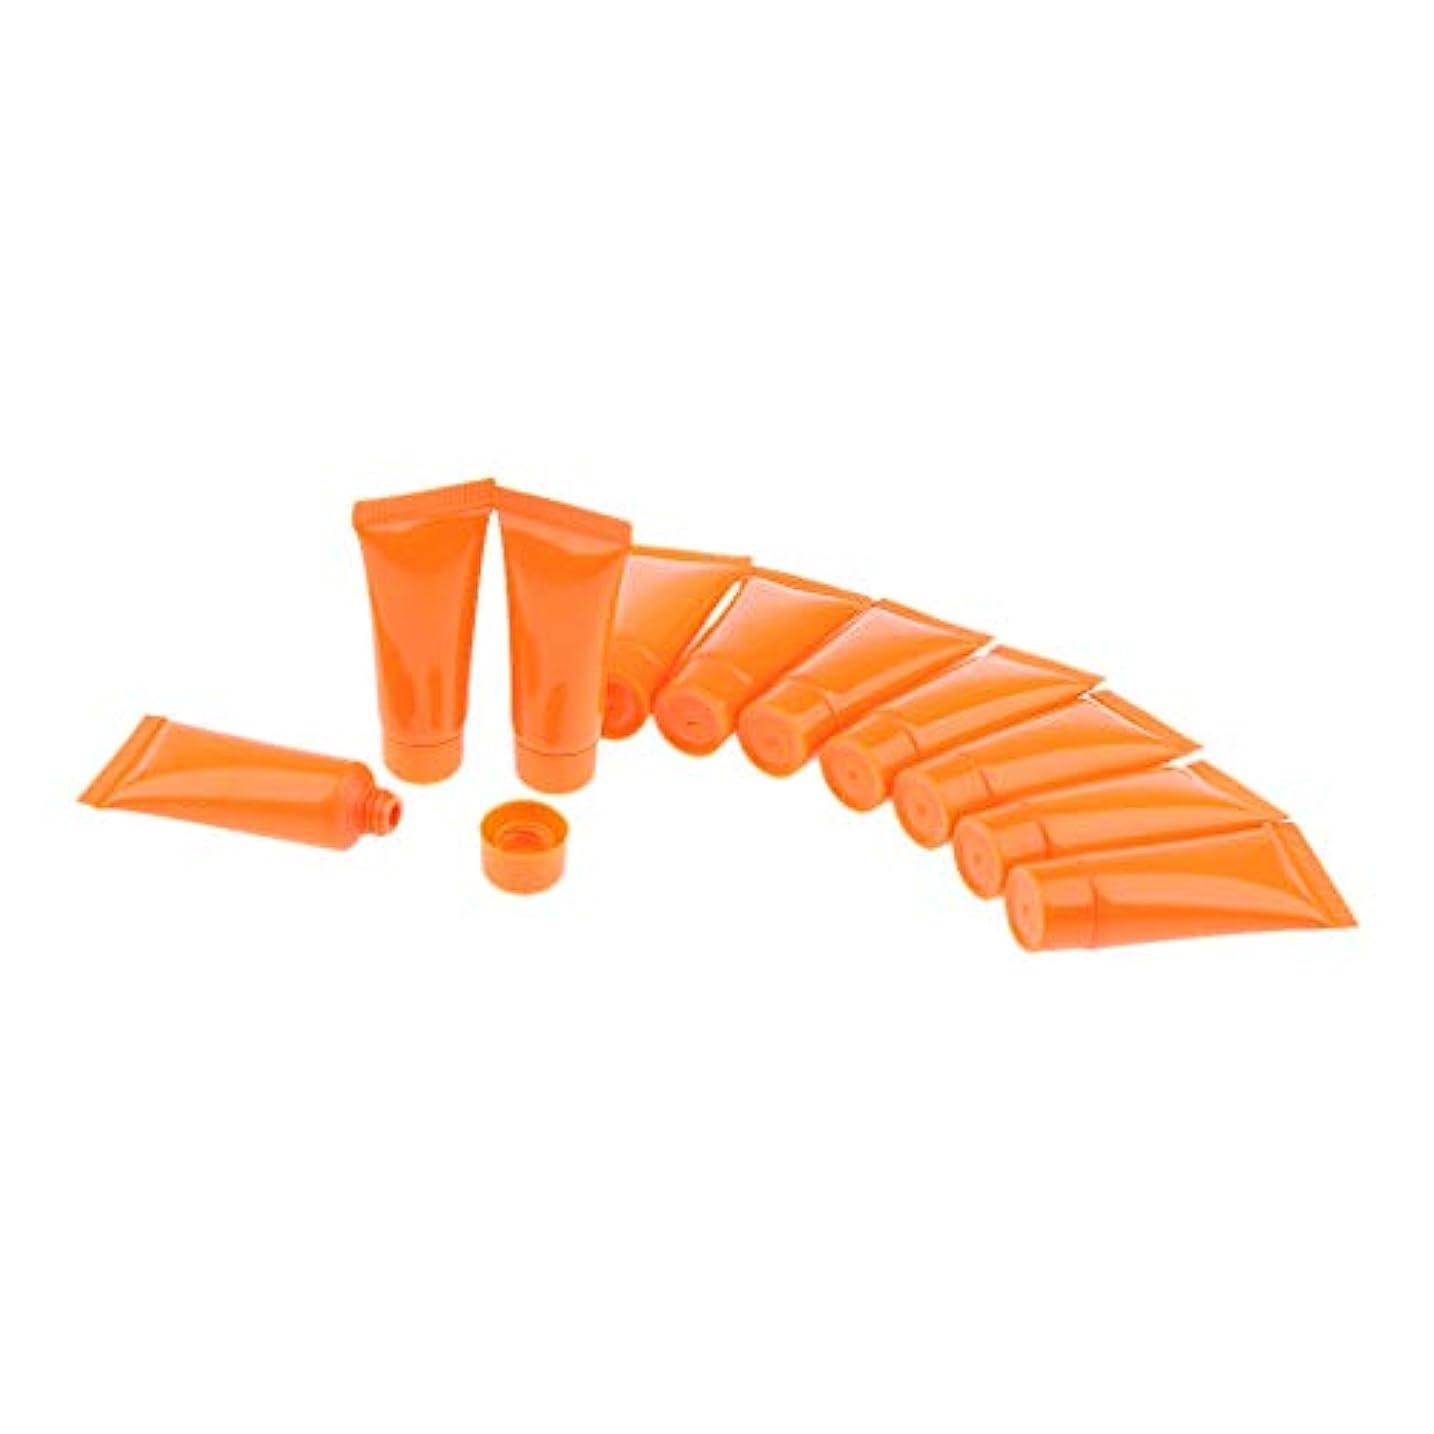 最大の発掘する社会DYNWAVE ソフトチューブ スクイズボトル 化粧品 スクイズチューブ 詰め替えボトル 小分け容器 3色選べ - オレンジ